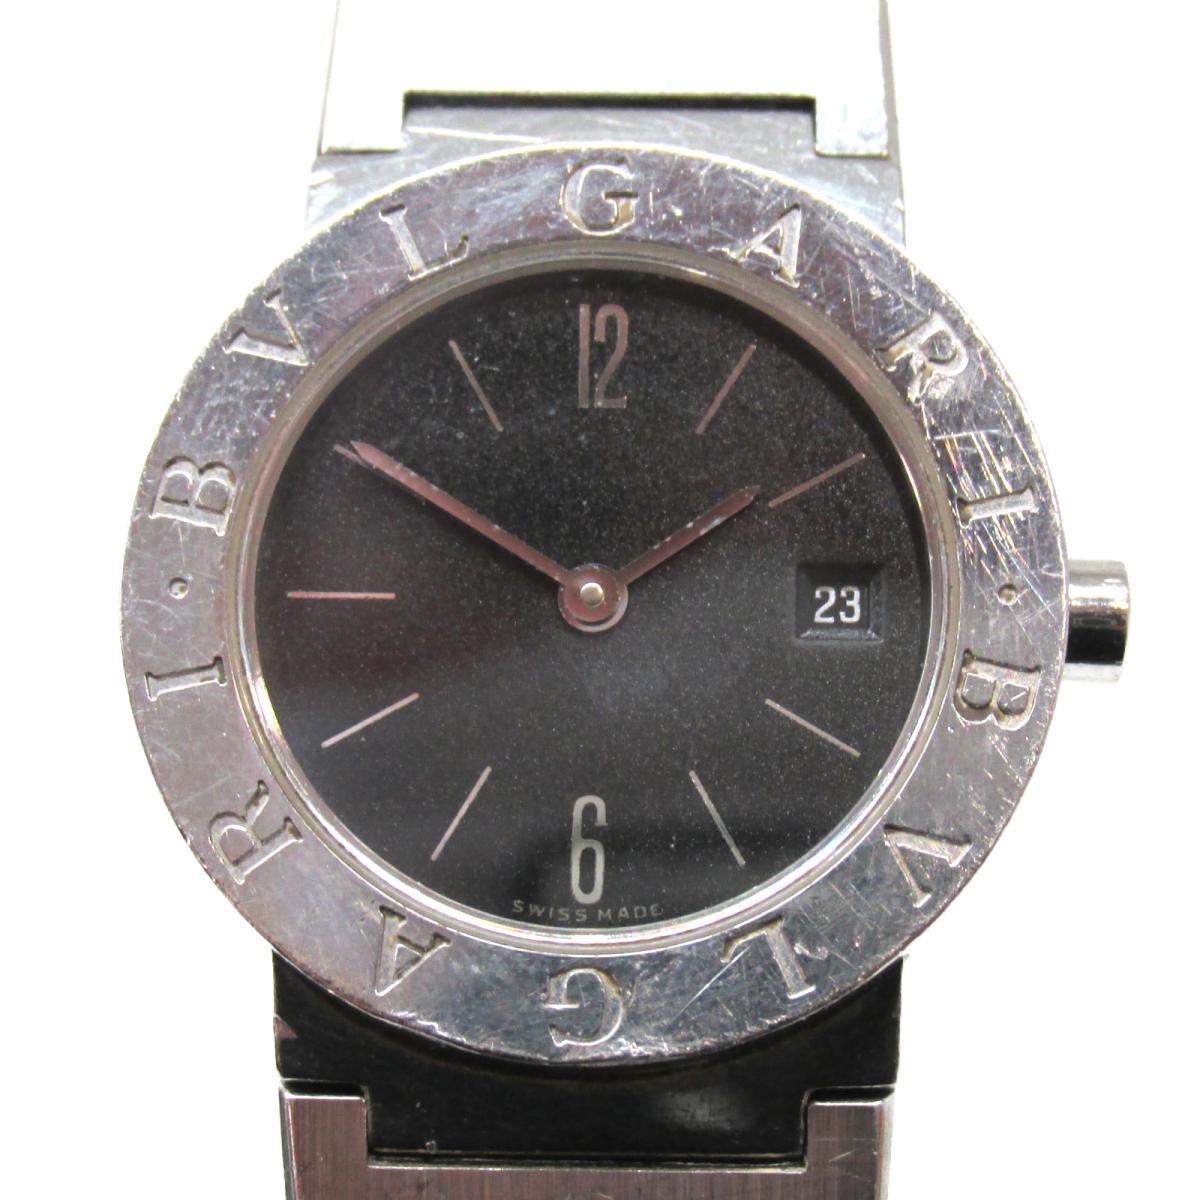 【中古】 ブルガリ ブルガリ 腕時計 ウォッチ レディース ステンレススチール (SS) | BVLGARI BRANDOFF ブランドオフ ブランド ブランド時計 ブランド腕時計 時計